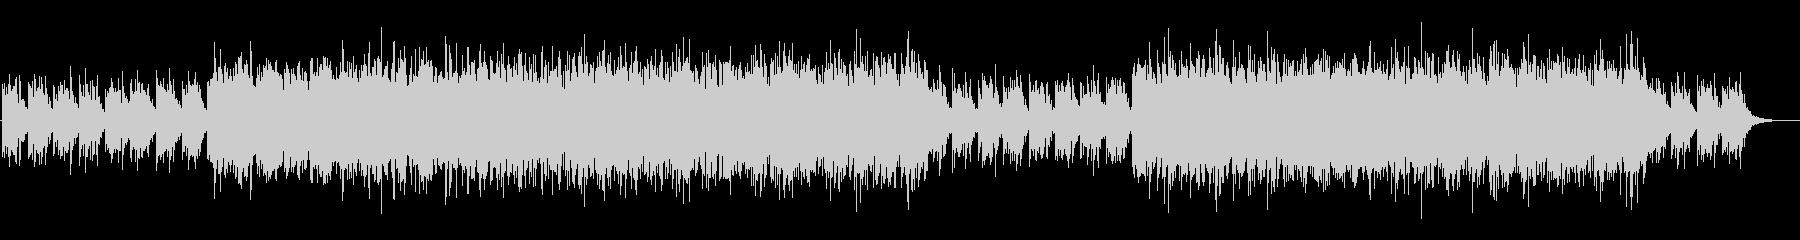 ミニマルなRPG等に使用できるBGMの未再生の波形